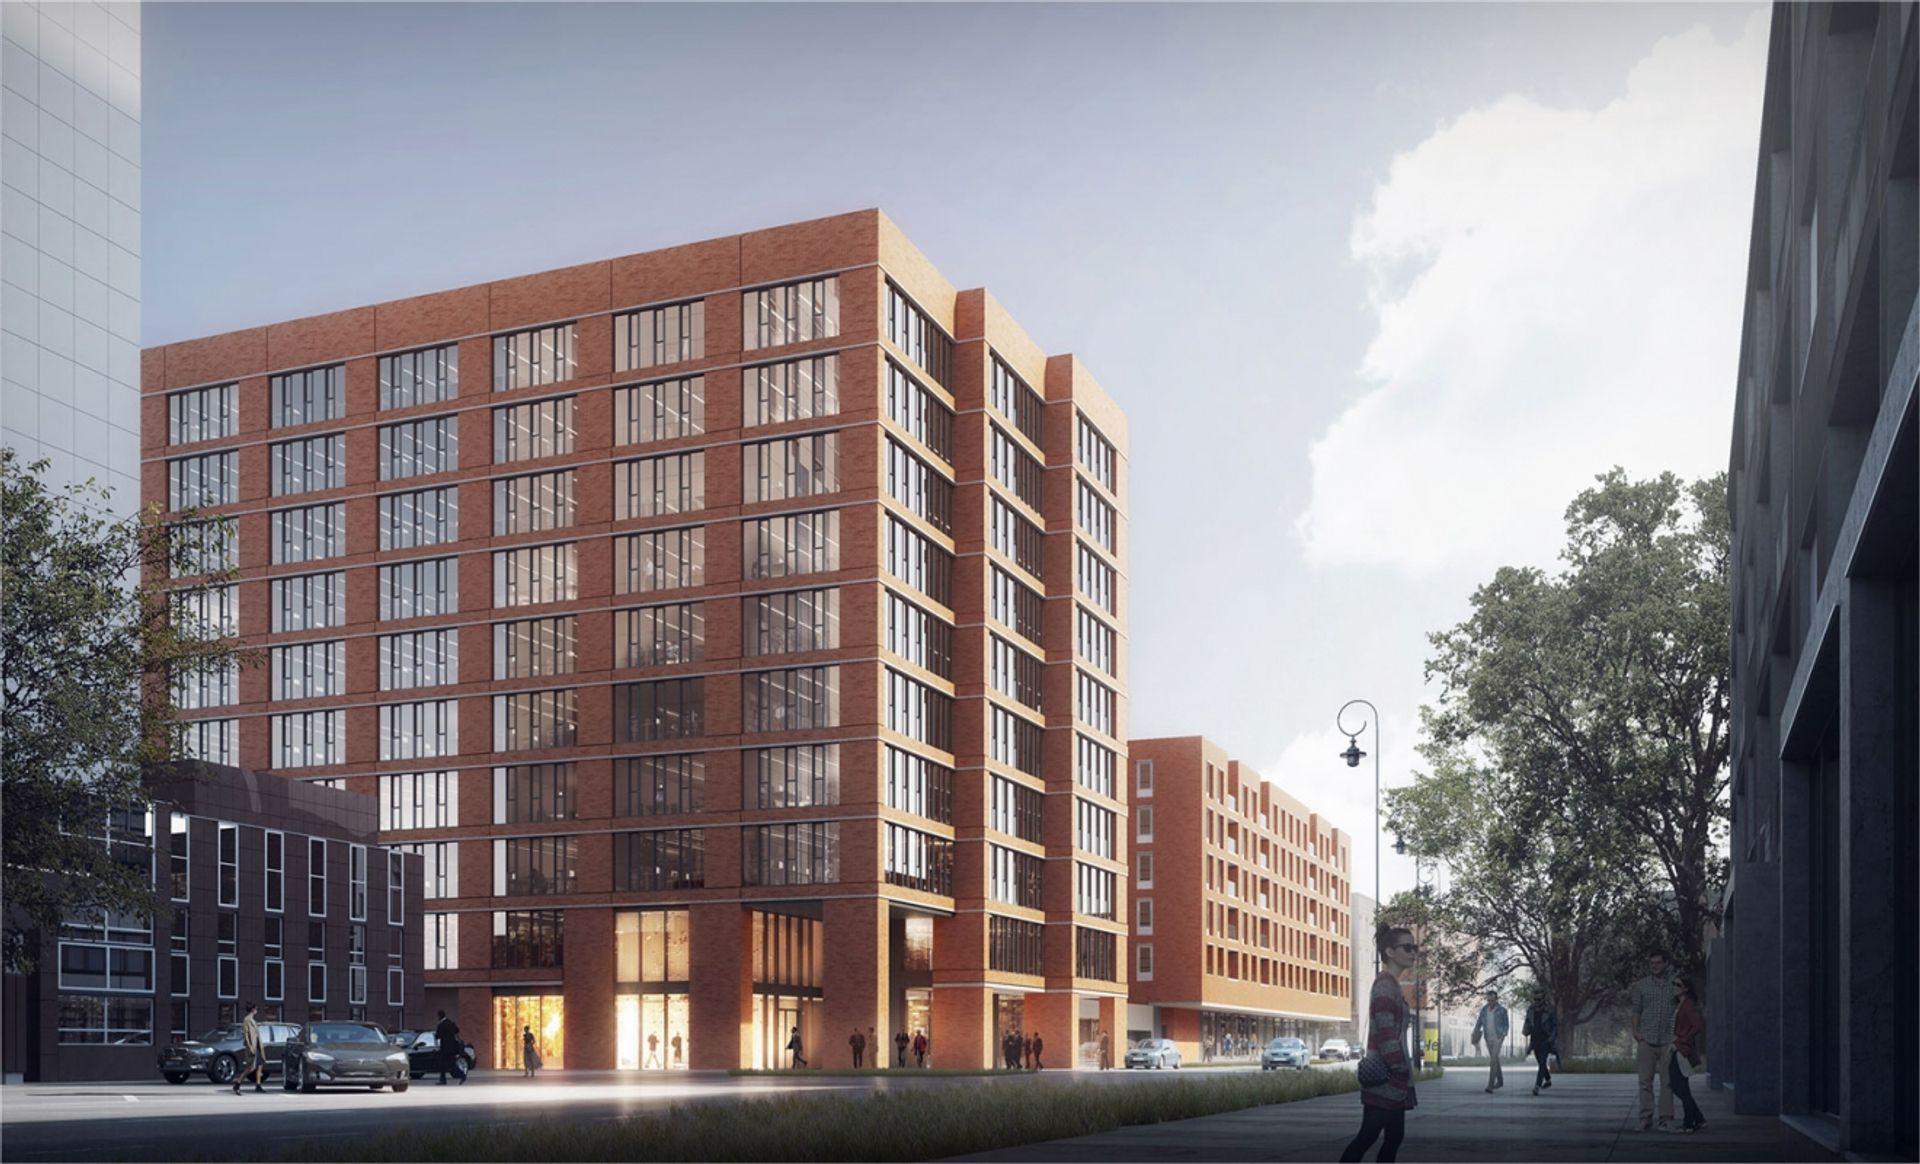 [Gdańsk] Rajska 8: rozpoczęcie budowy – inwestor zawarł umowę z Budimex S.A. na realizację apartamentowca i biurowca